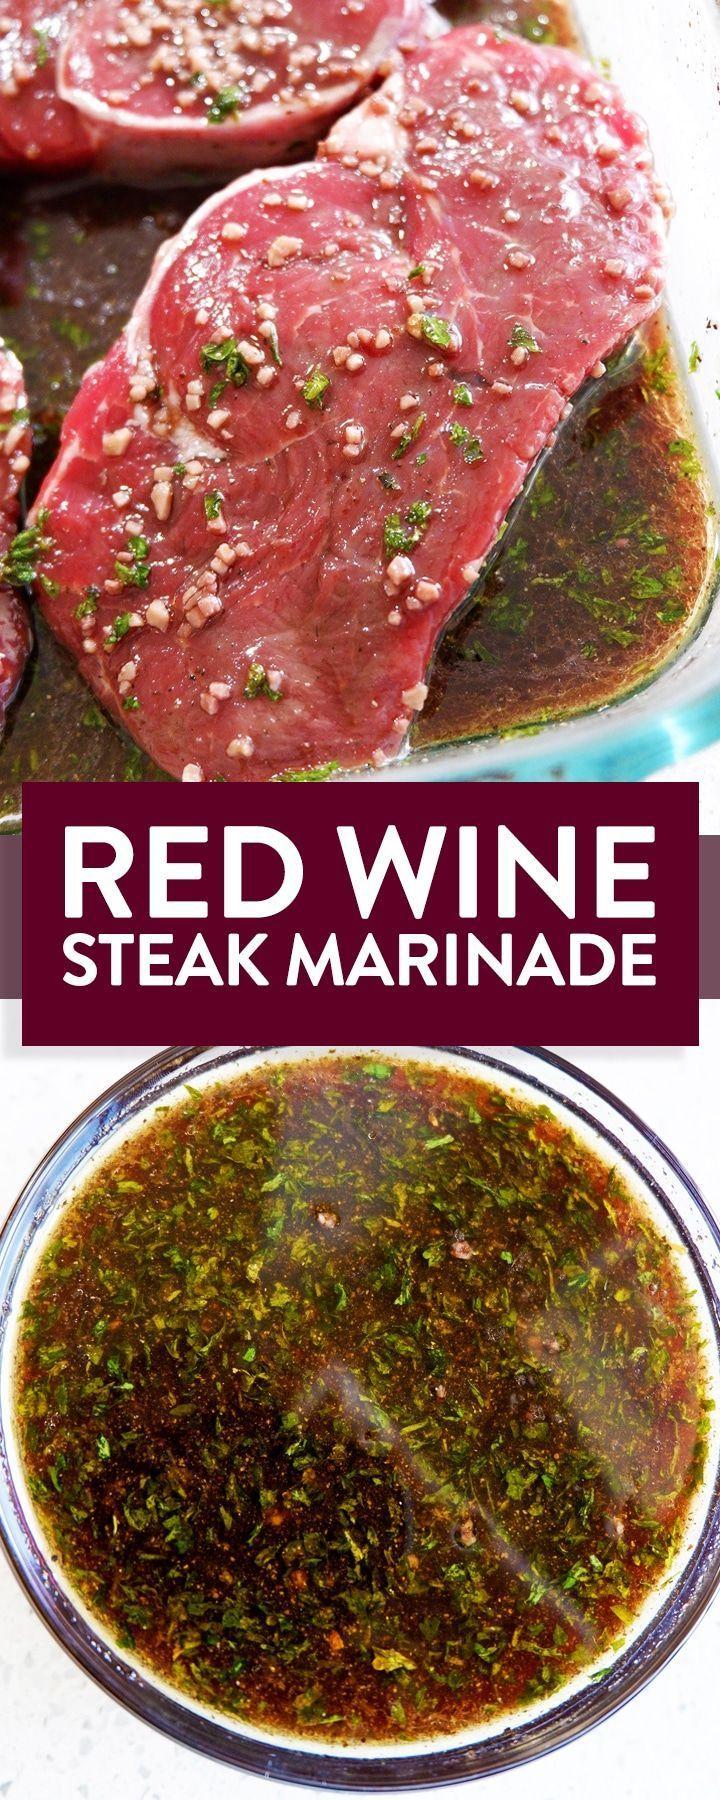 Red Wine Steak Marinade Recipe Grilled Steak Recipes Beef Recipes Bbq Recipes